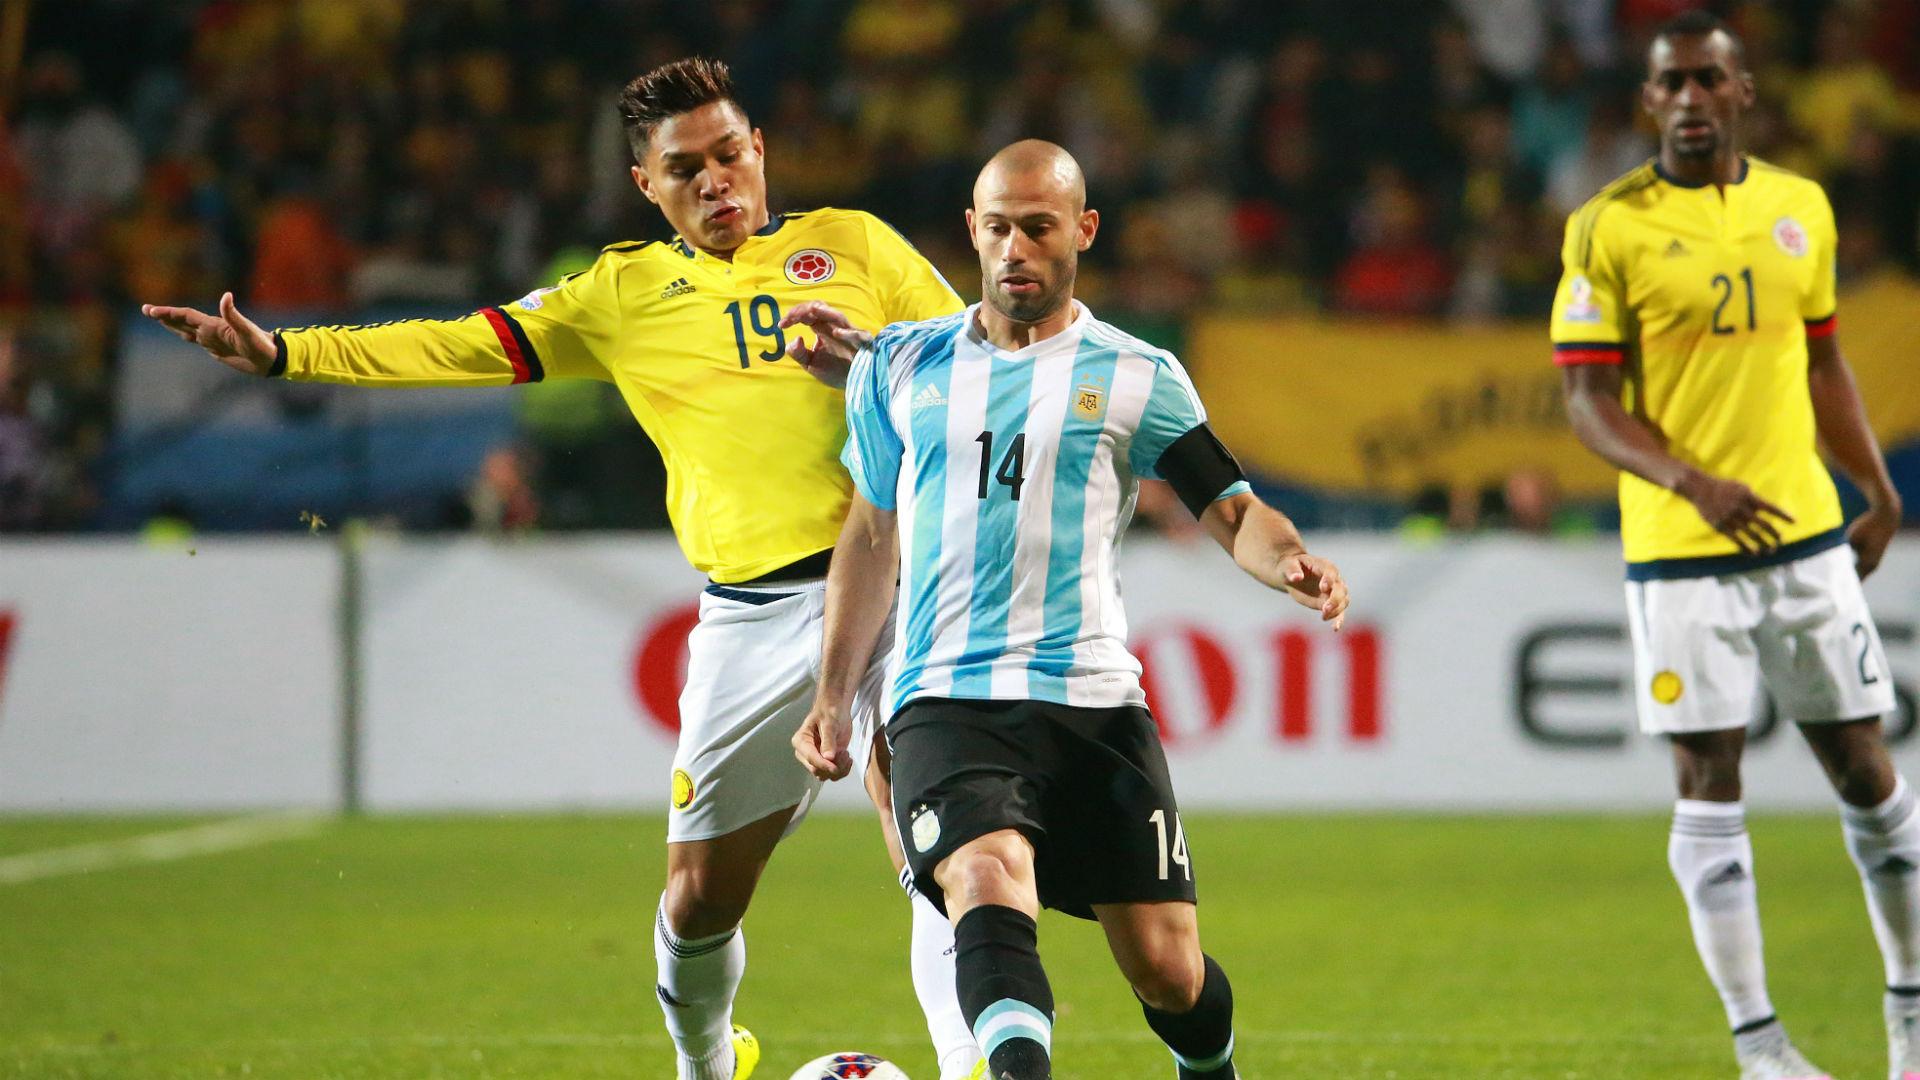 JEFE. Javier Mascherano hizo un partido descomunal. Aquí se apodera de la pelota y llena de impotencia a Teo Gutiérrez, pero, además, jugó y fue imbatible en ese dúo lleno de inteligencia, orden y futbol que forman con Biglia.